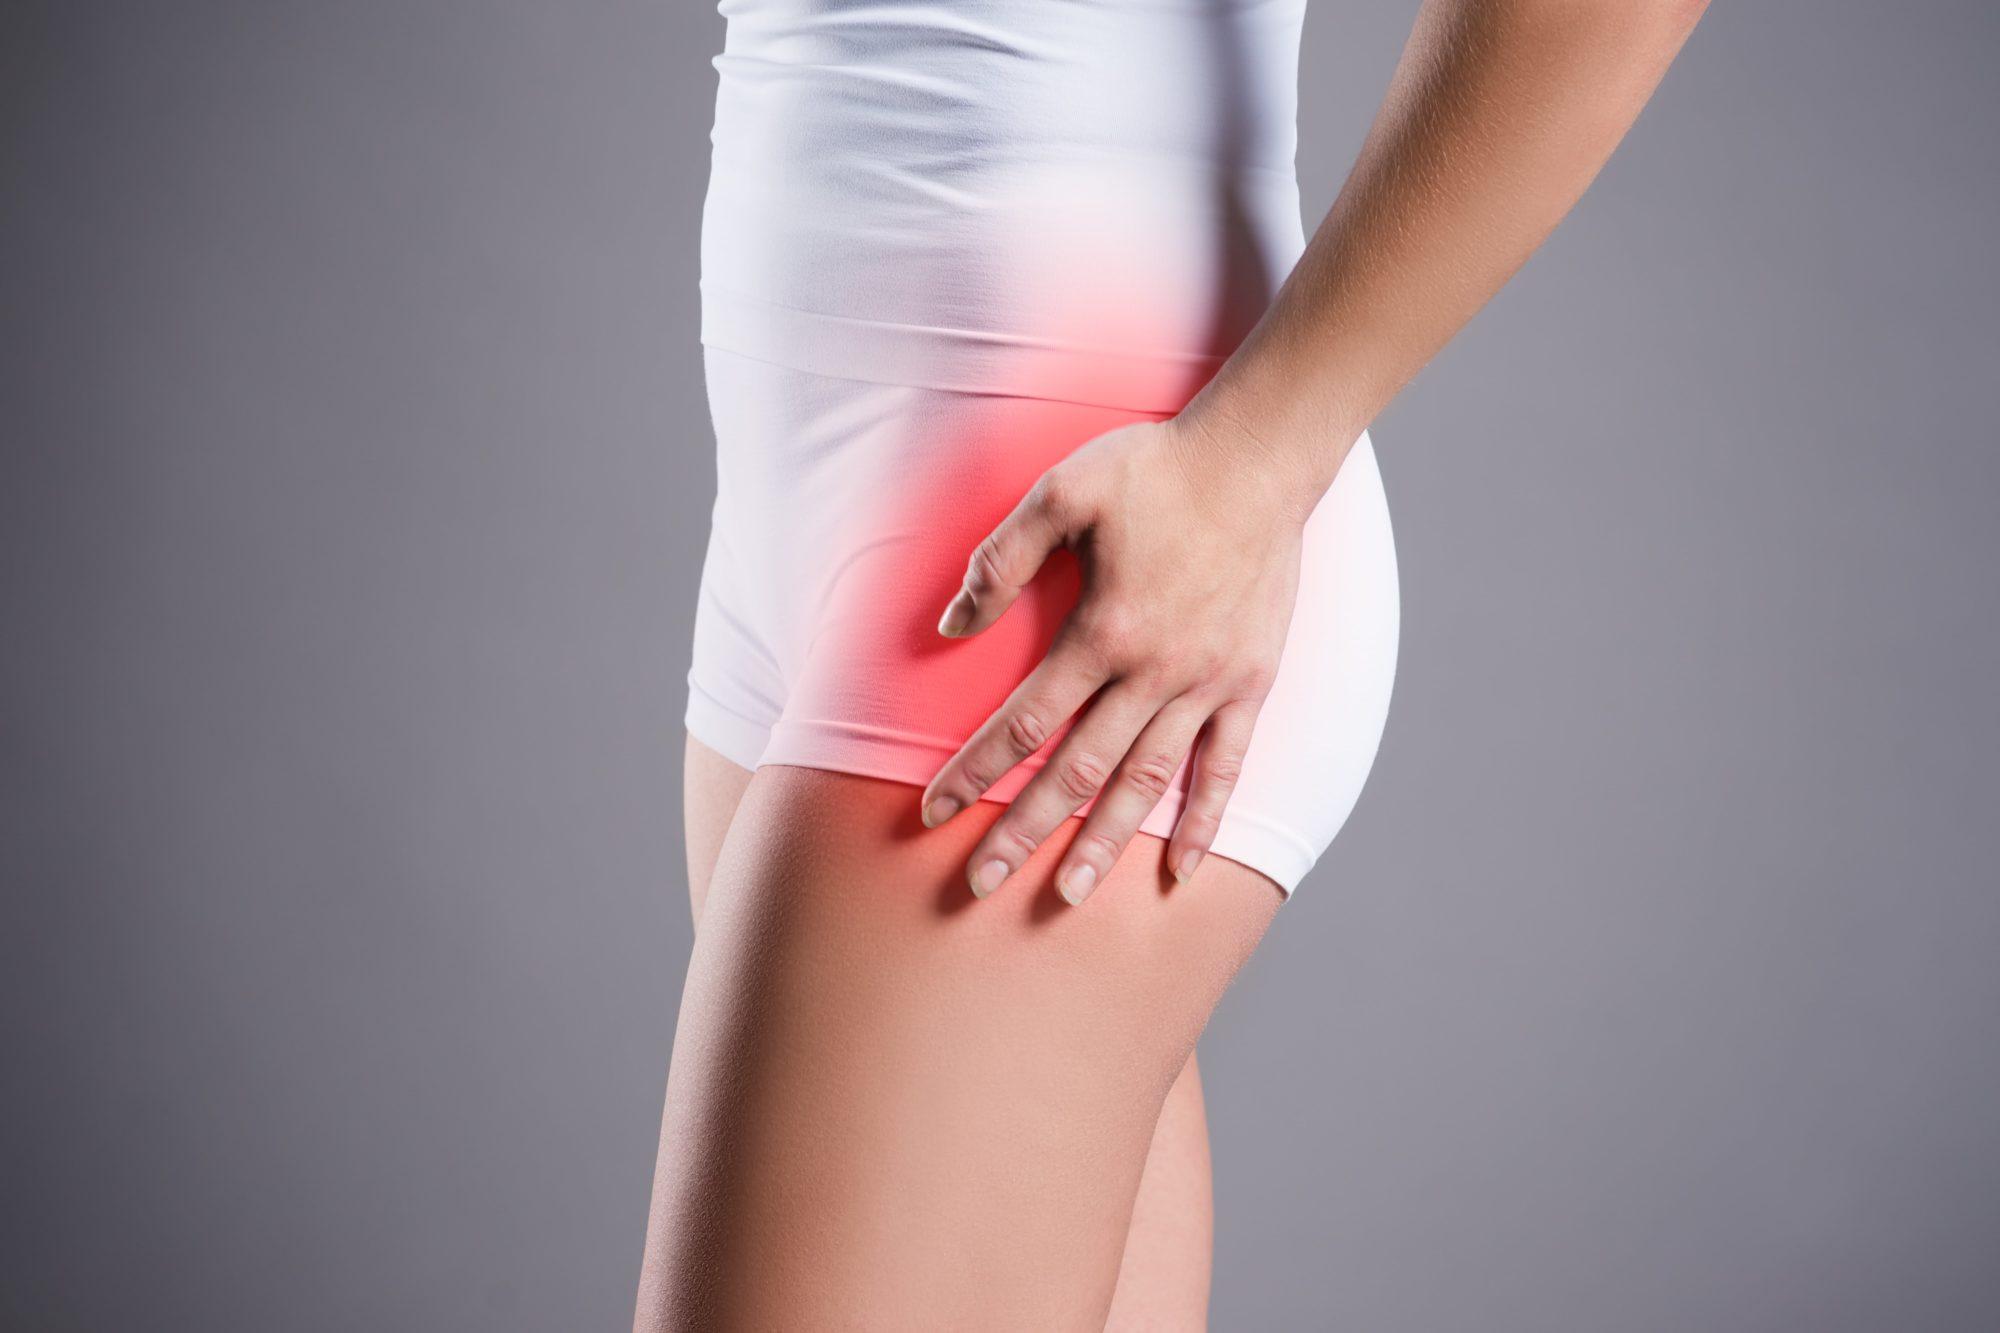 bil pijn en heup pijn laten behandelen door fysiotherapie nijmegen van sport medisch centrum papendal